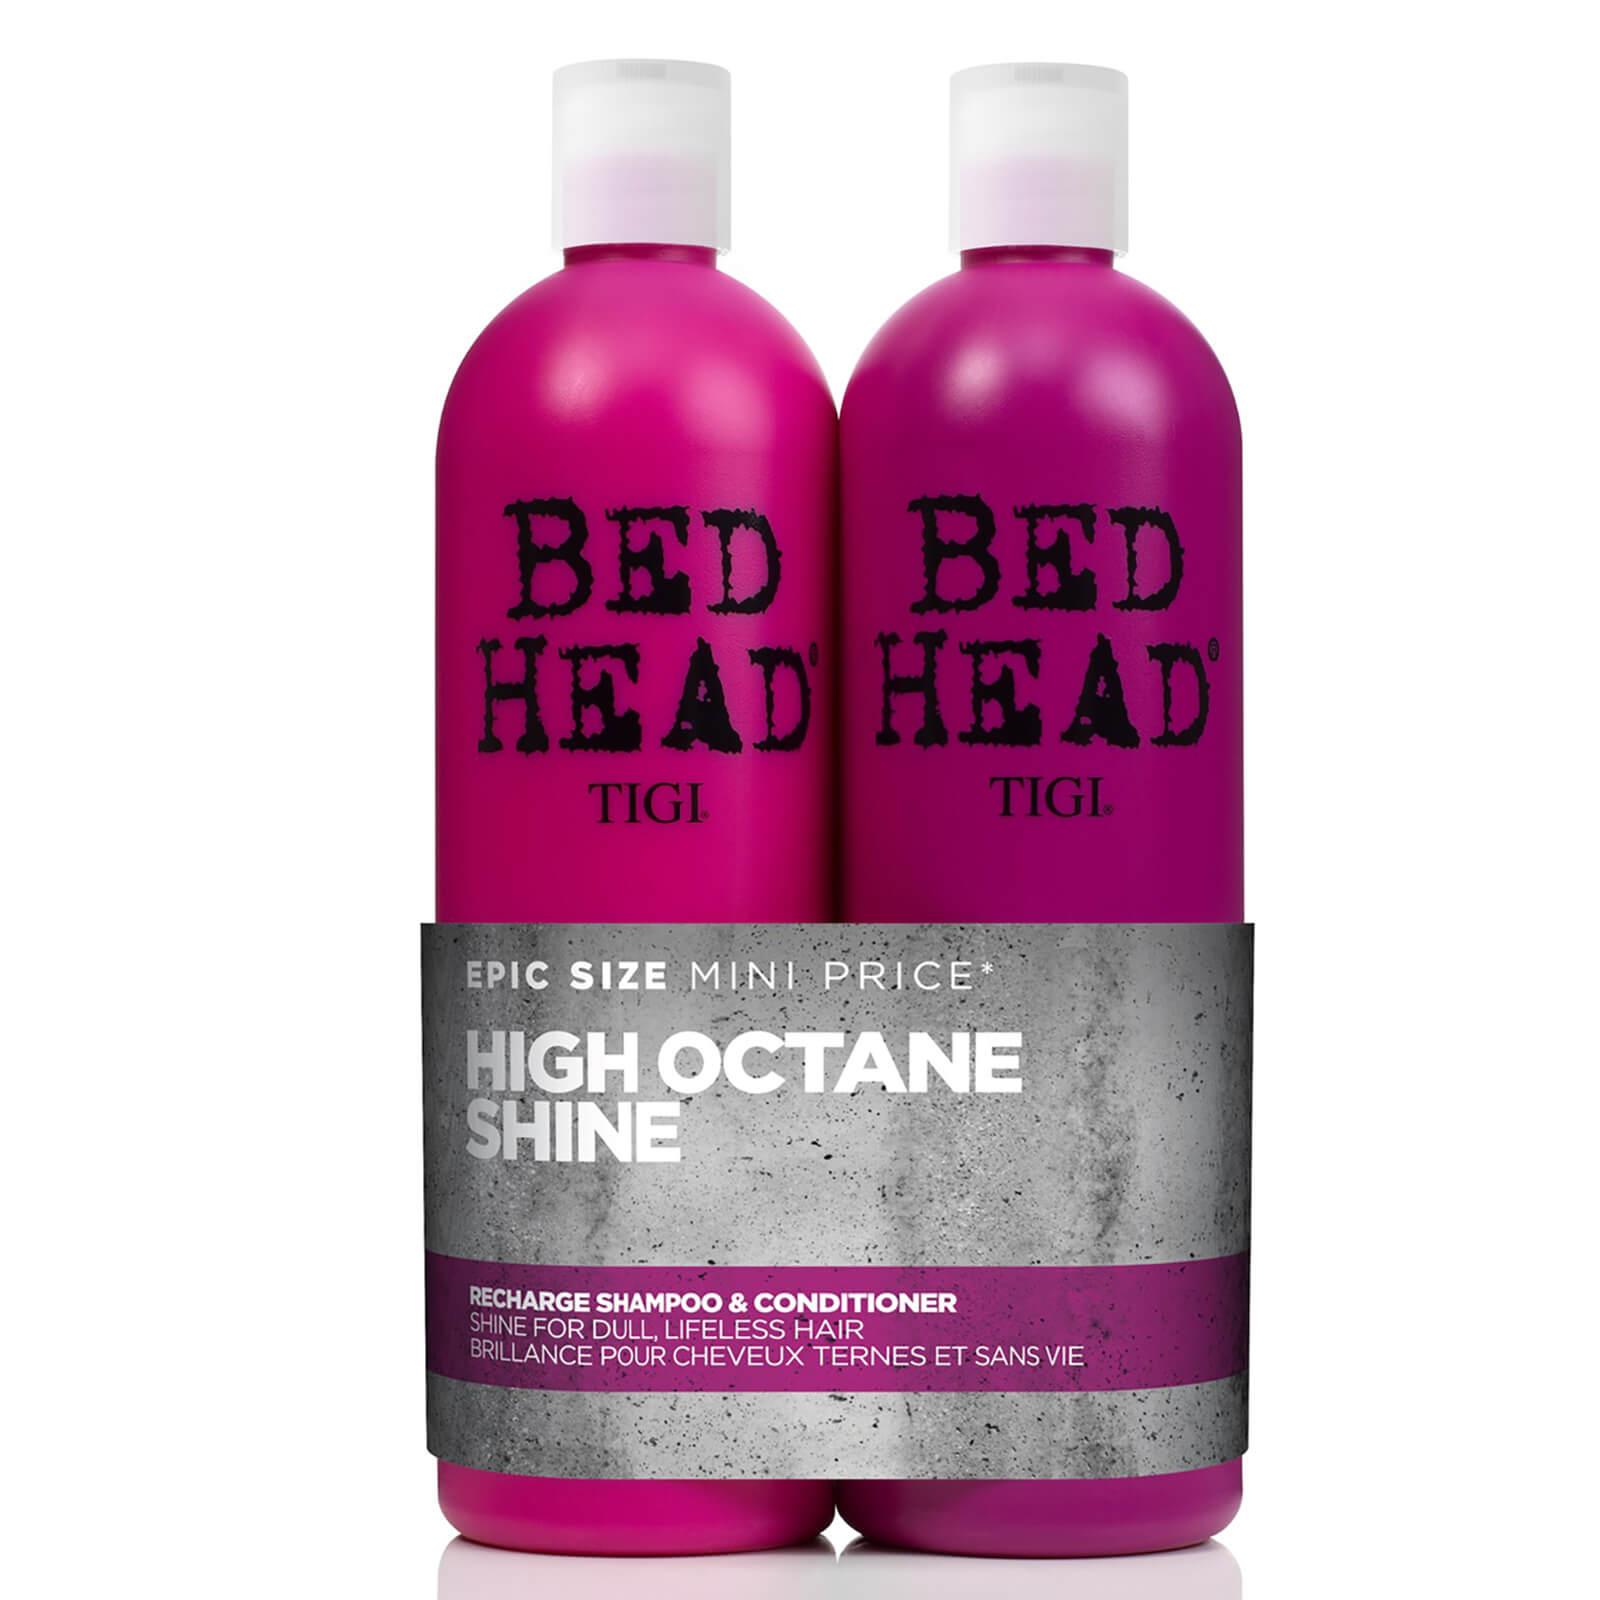 Tigi Bed Head Recharge Tween Duo 2 x 750ml